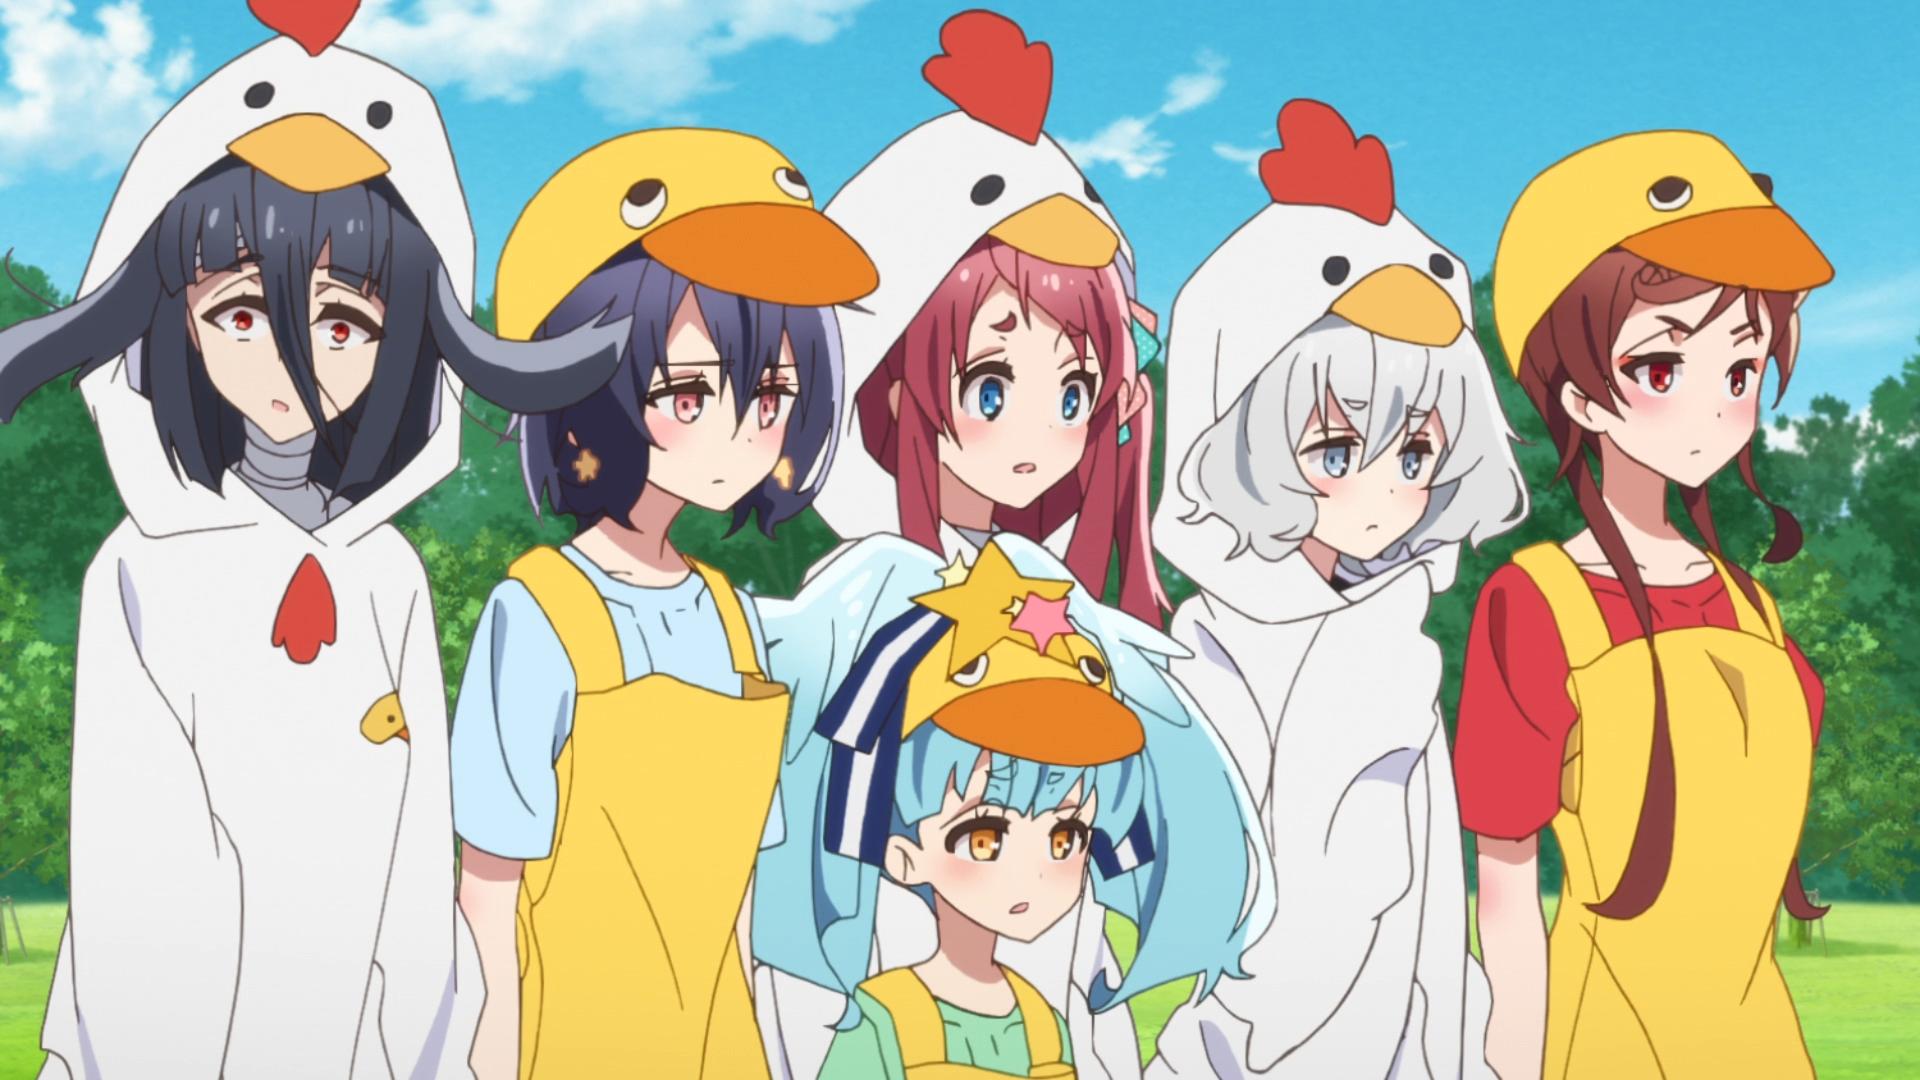 Mientras usan disfraces de pollo, las chicas de Franchouchou están decepcionadas por el discurso motivacional de Saki Nikaido en una escena del anime de televisión ZOMBIE LAND SAGA.